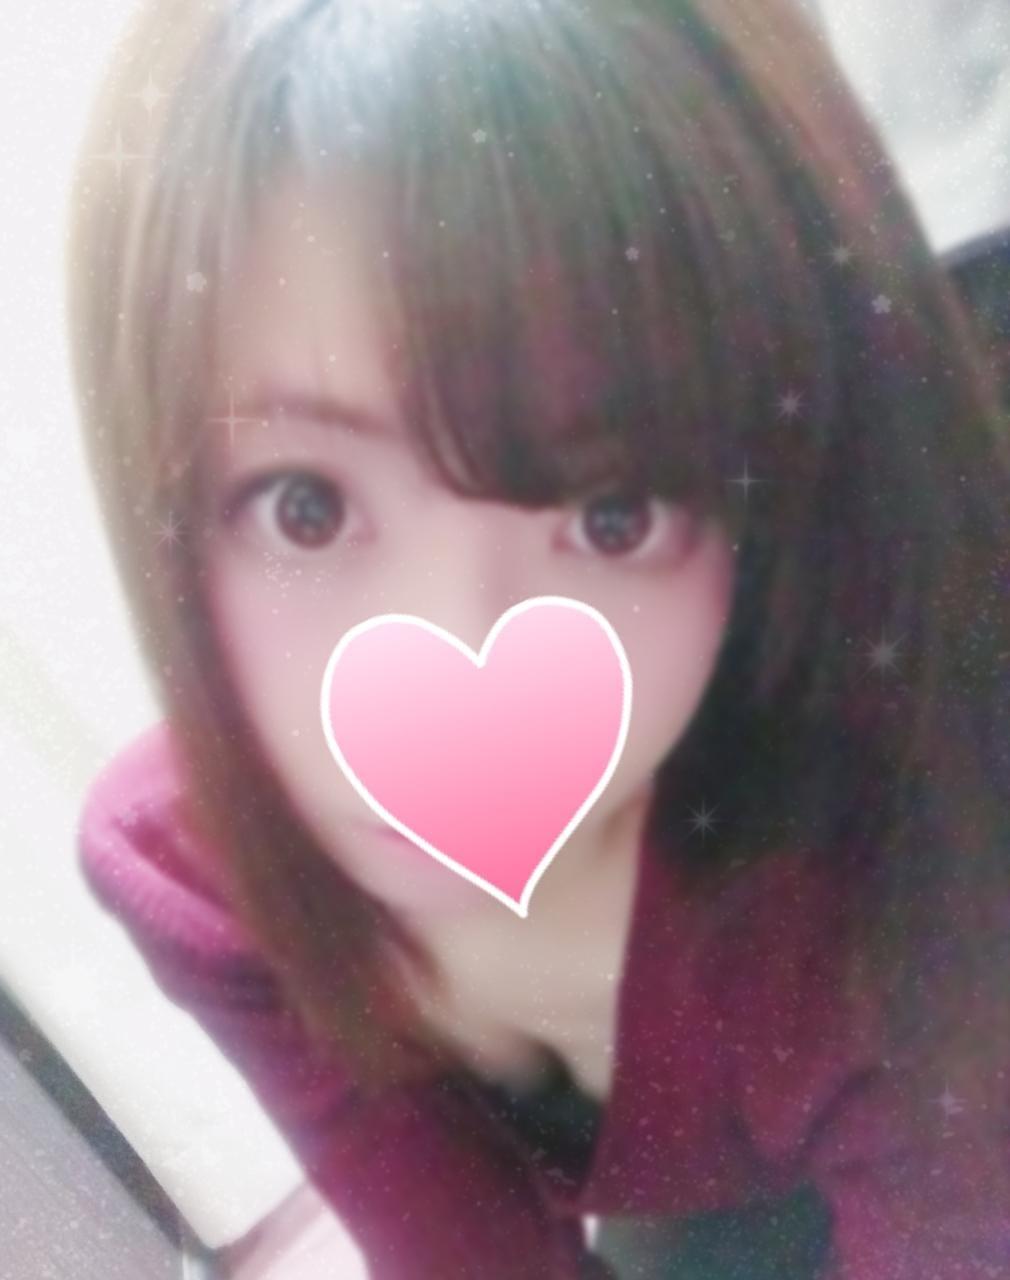 「おやすみなさい」02/07(木) 01:16 | さやかの写メ・風俗動画